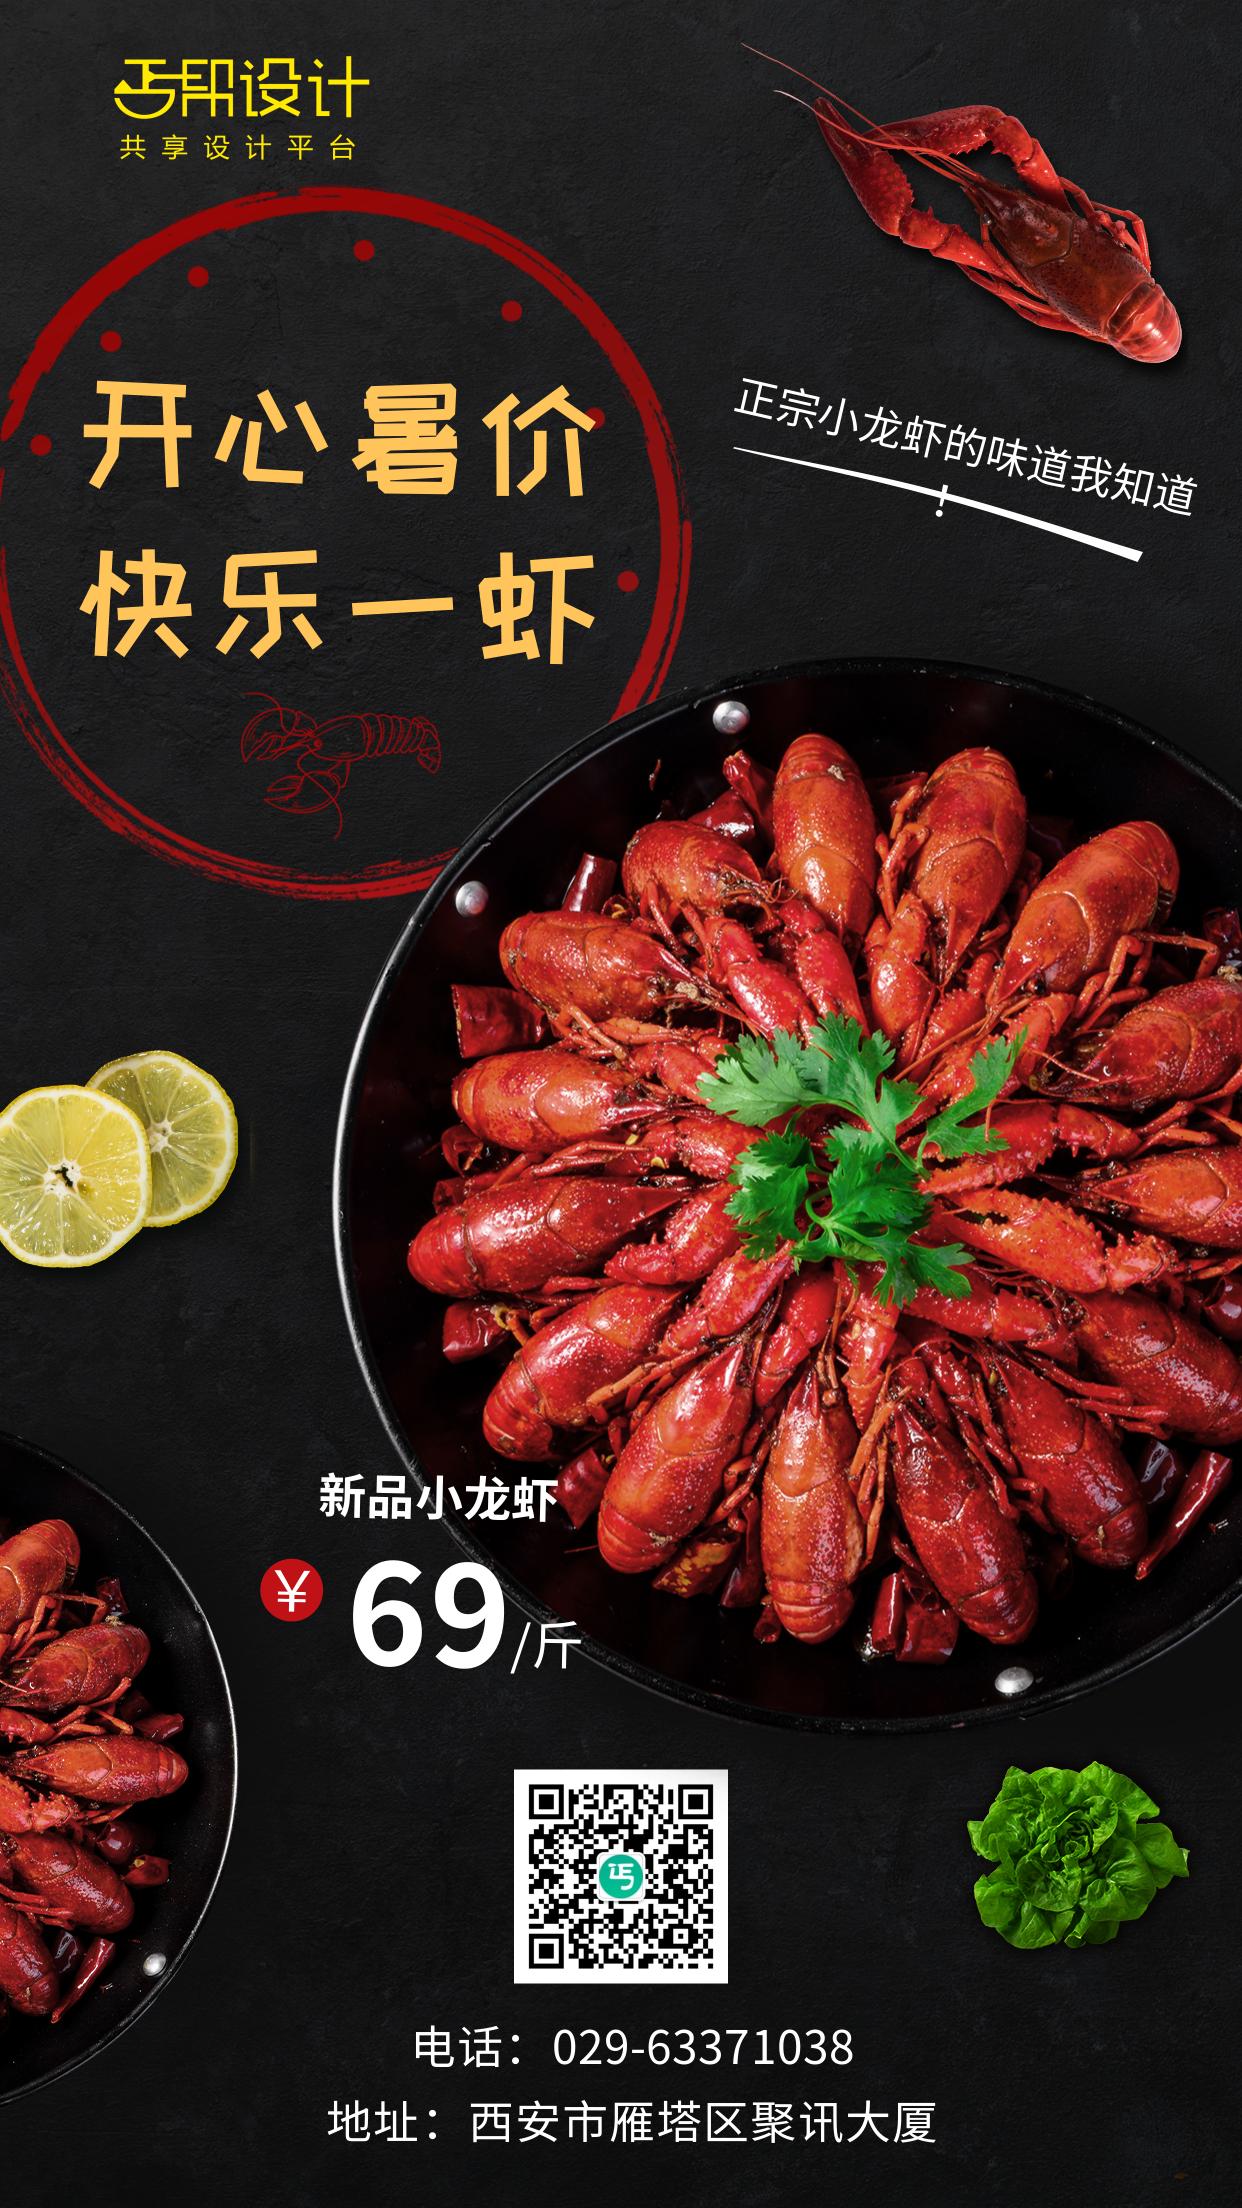 小龙虾新品上市促销宣传手机海报